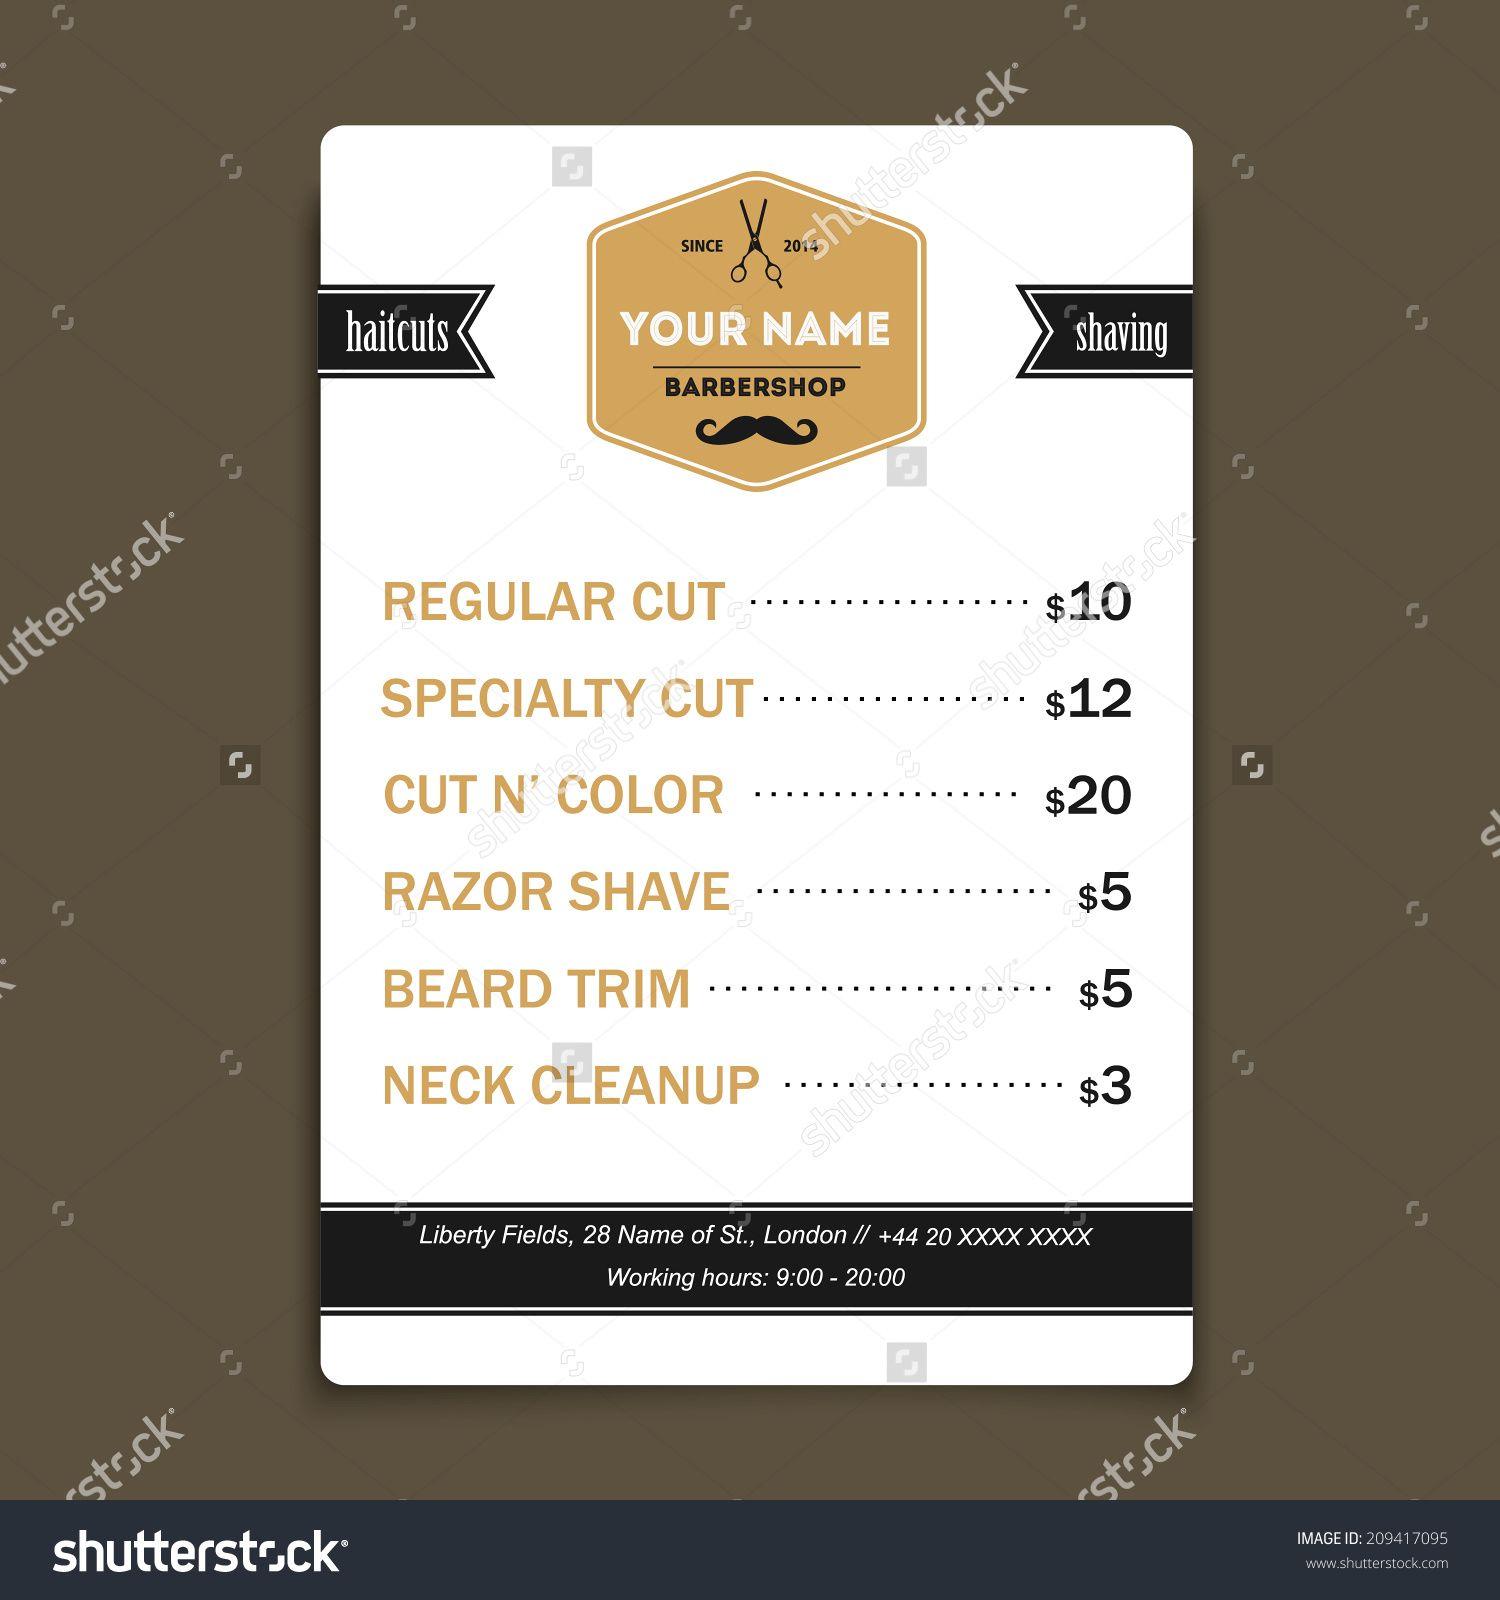 barber shop vintage offer list template stock vector illustration 209417095 shutterstock. Black Bedroom Furniture Sets. Home Design Ideas